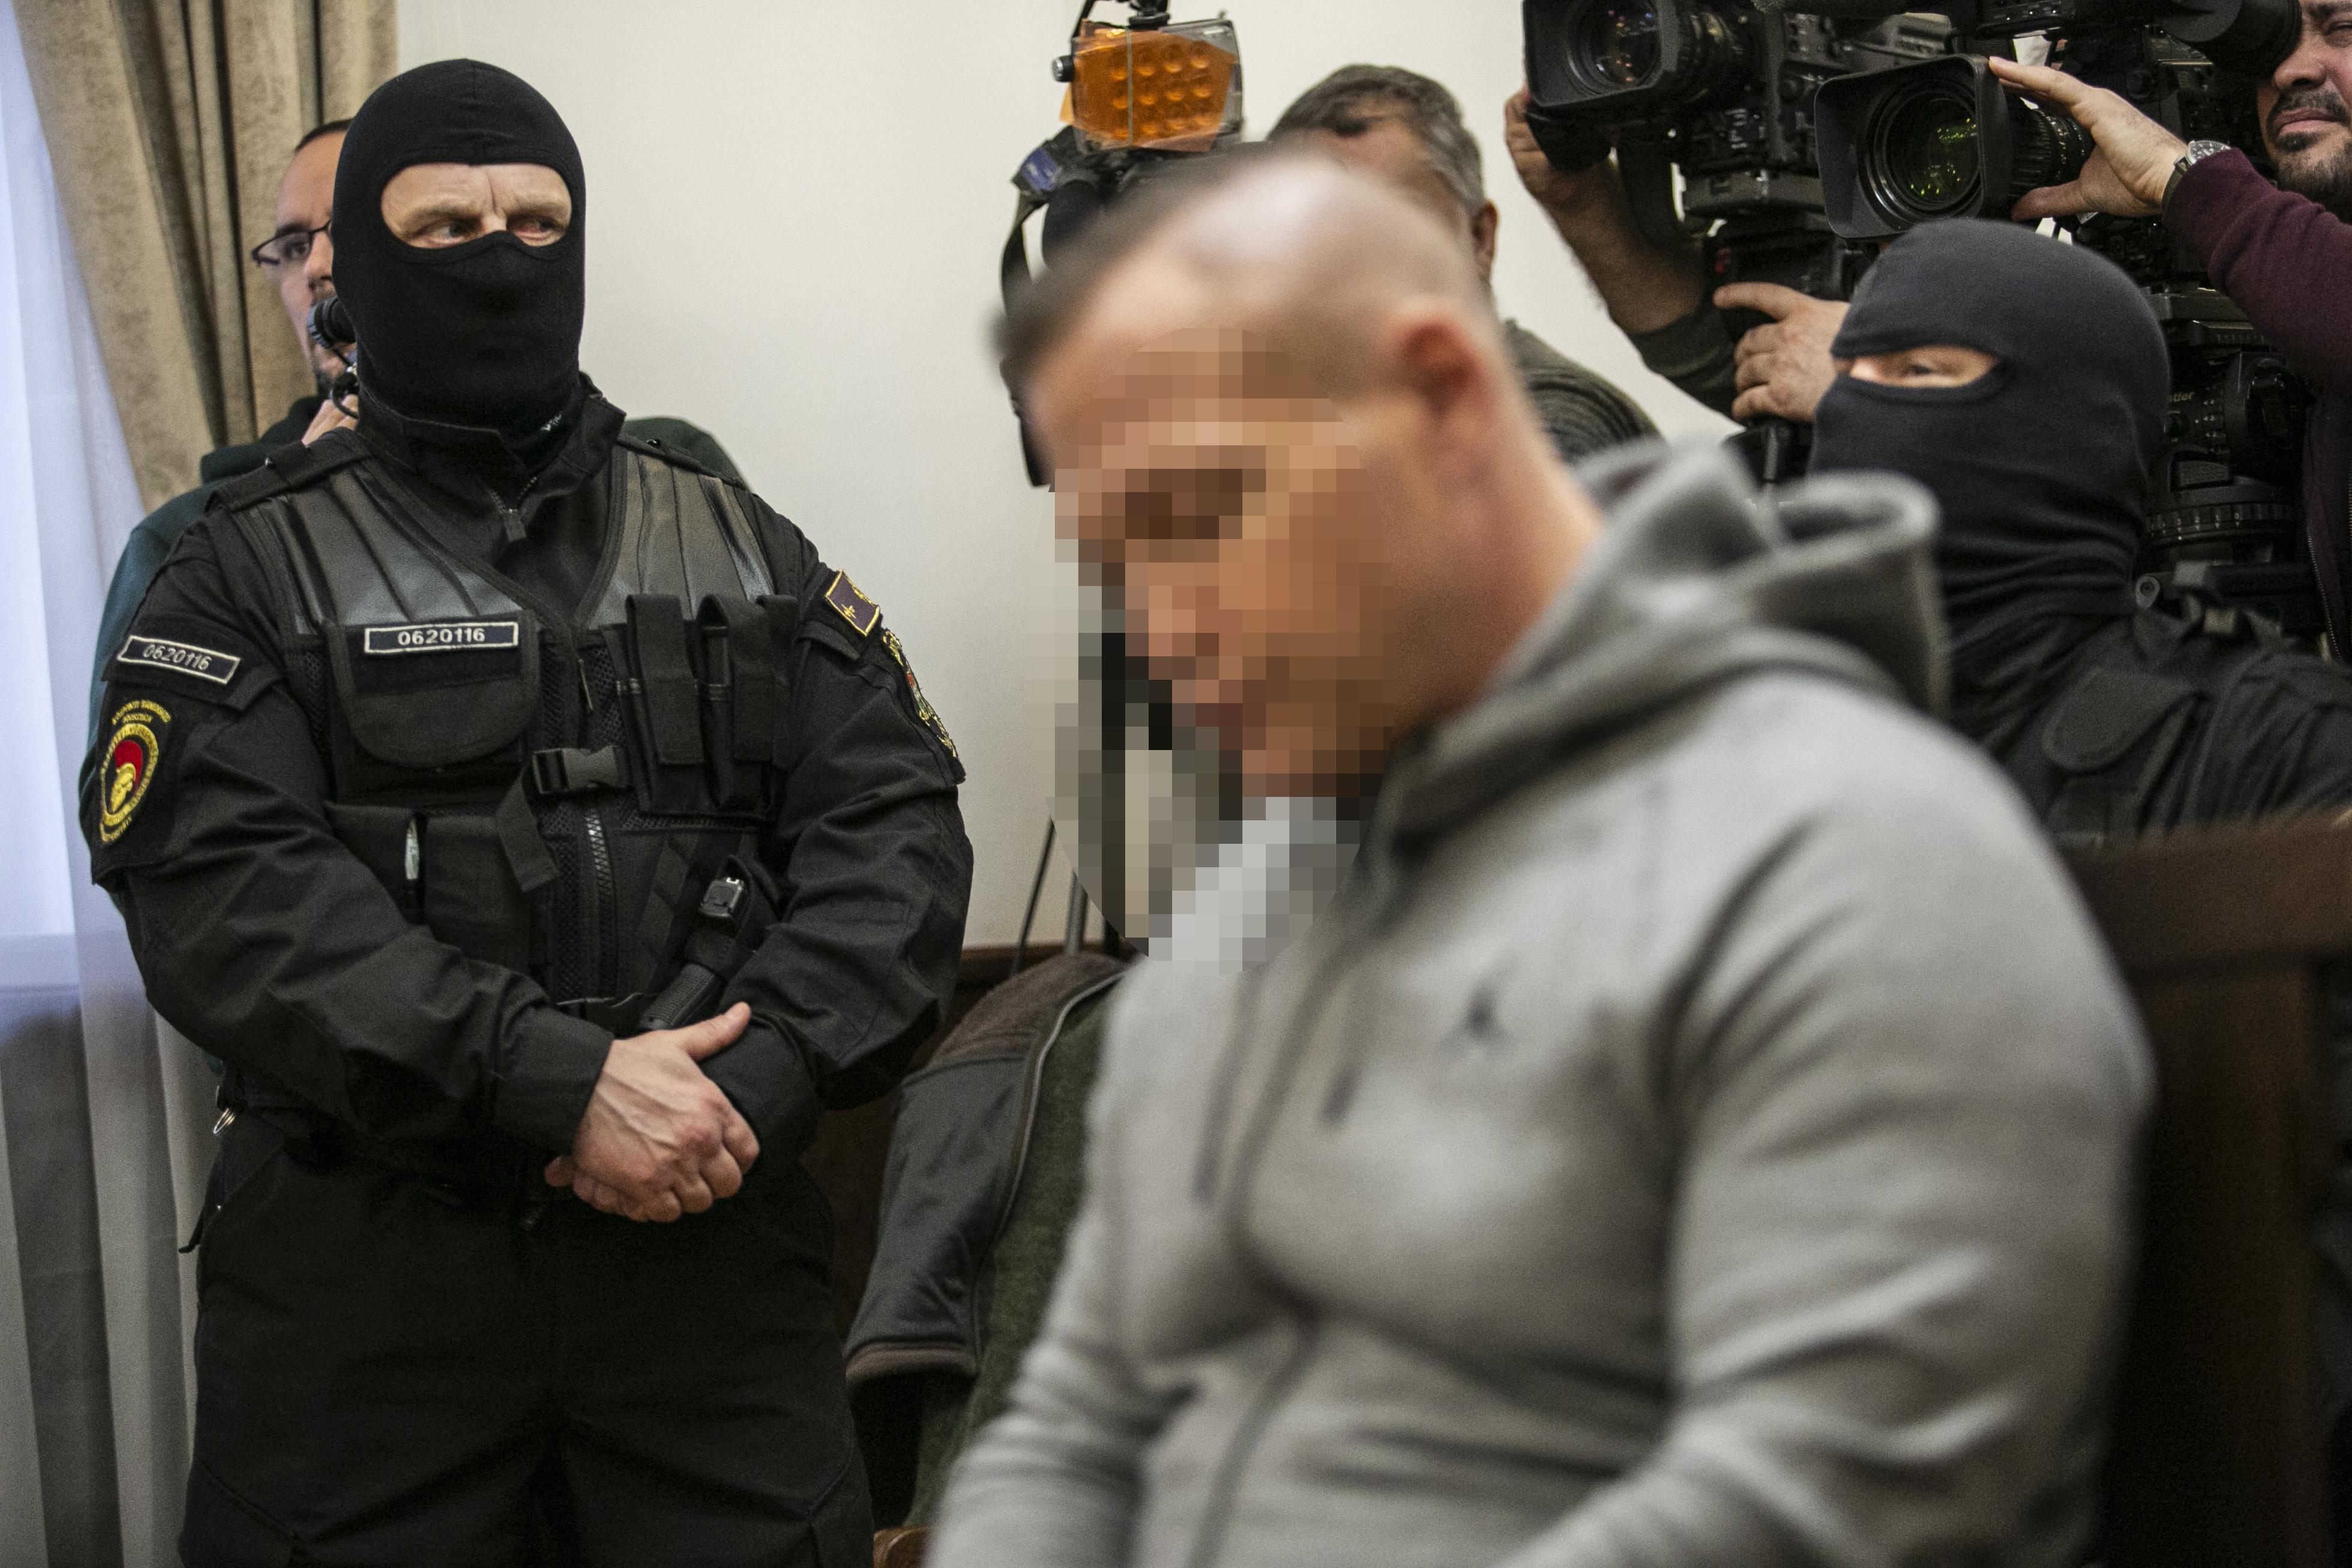 Két kispályás csaló átverte M. Richárdot és egymást is, az egyik ötször is hiába próbálta visszaszerezni a gázoló jogosítványát